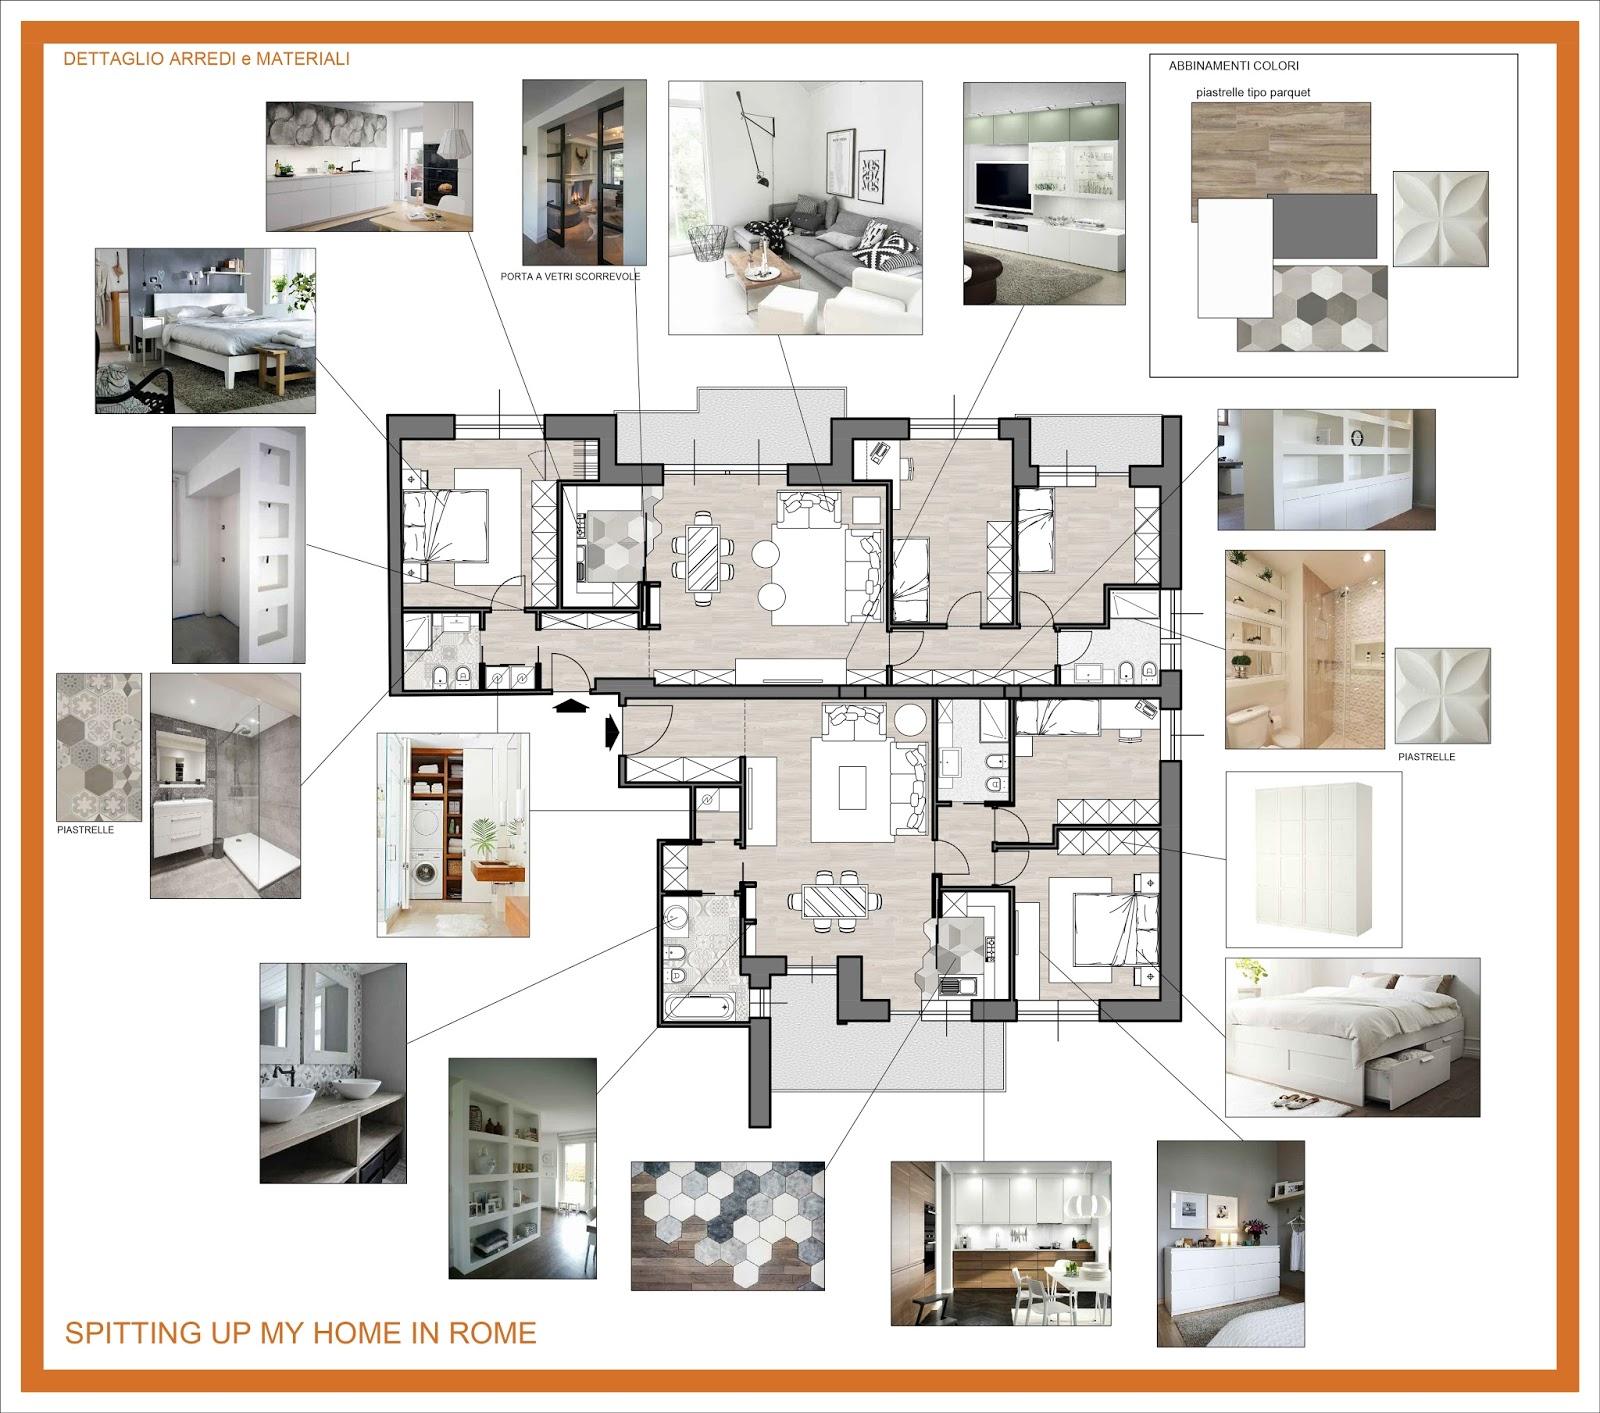 Arredamento e dintorni i miei progetti for Progetti architettura interni